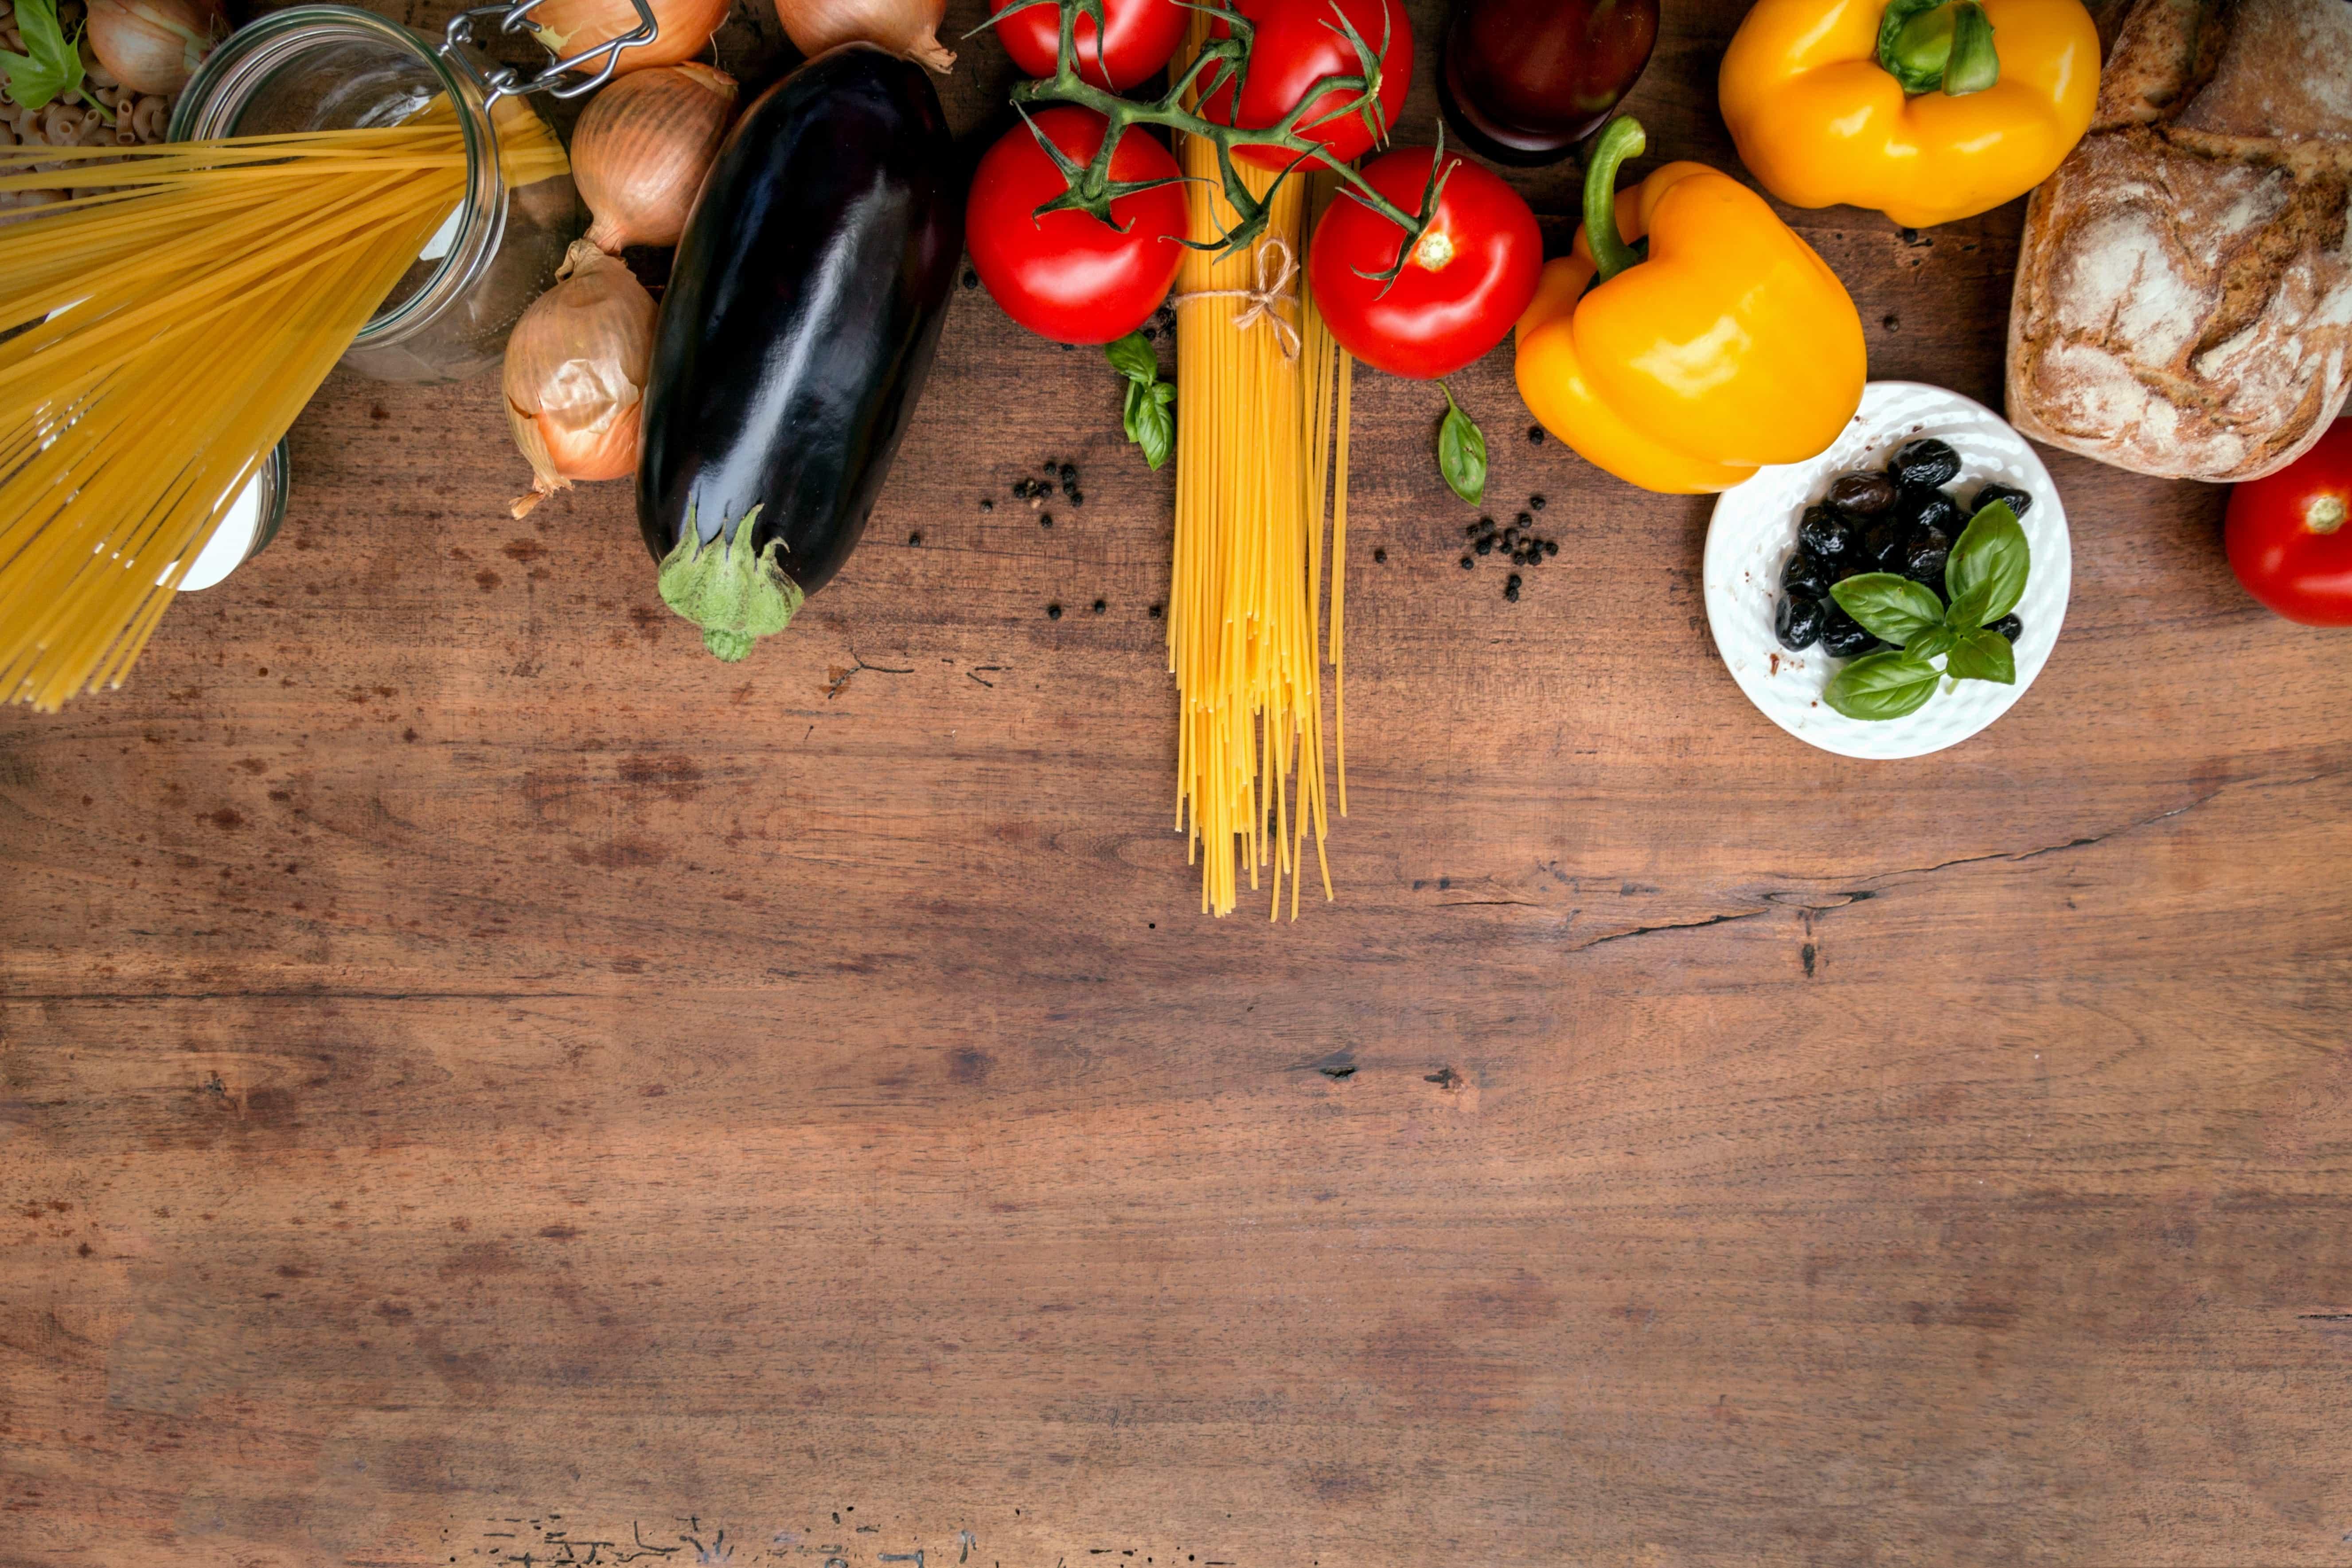 Image libre bois table cuisine bio nutrition lgume